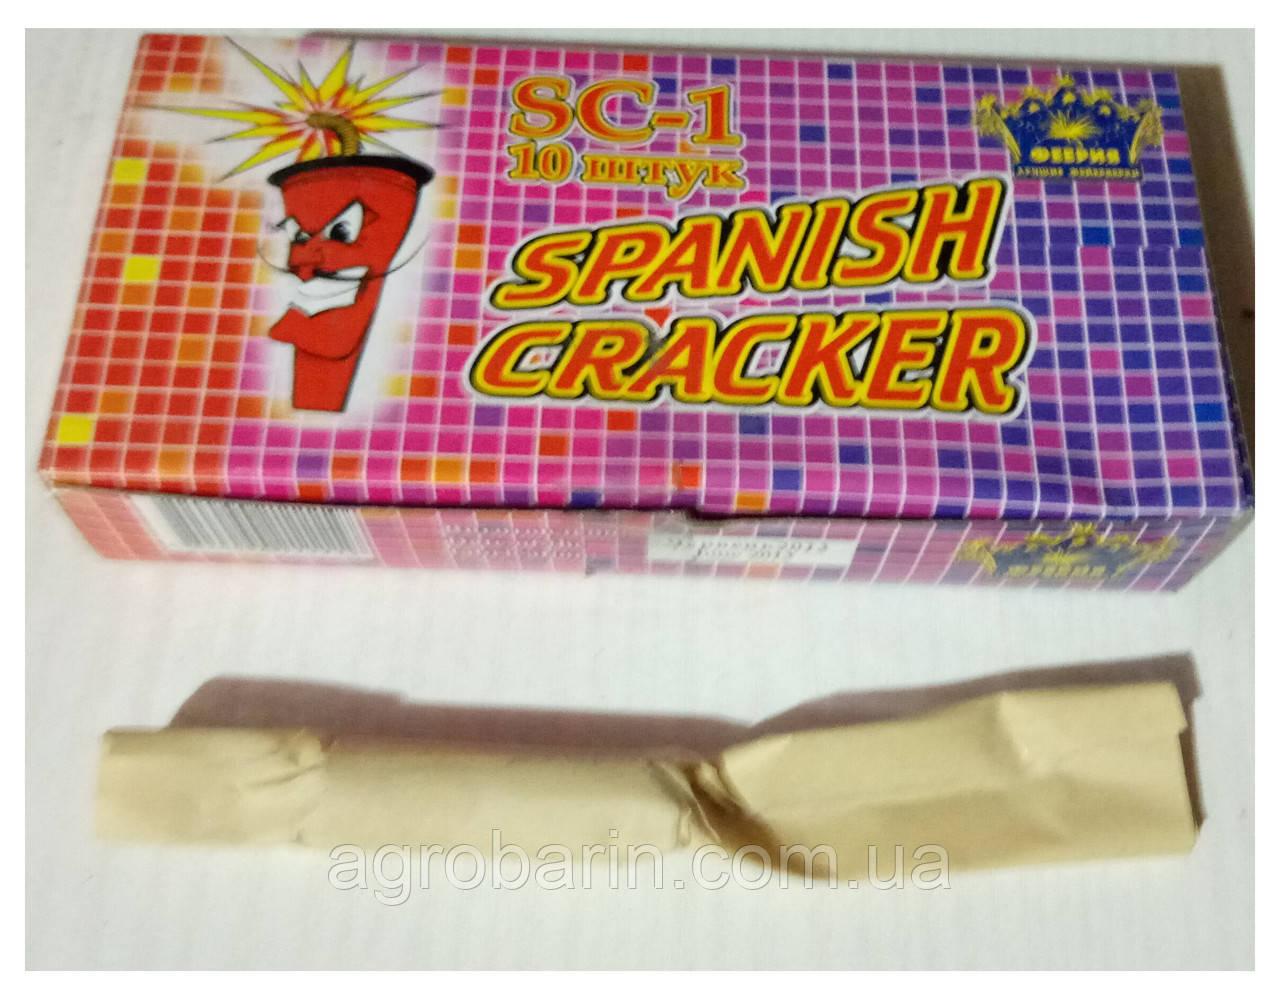 Іспанська цукерка SC-1